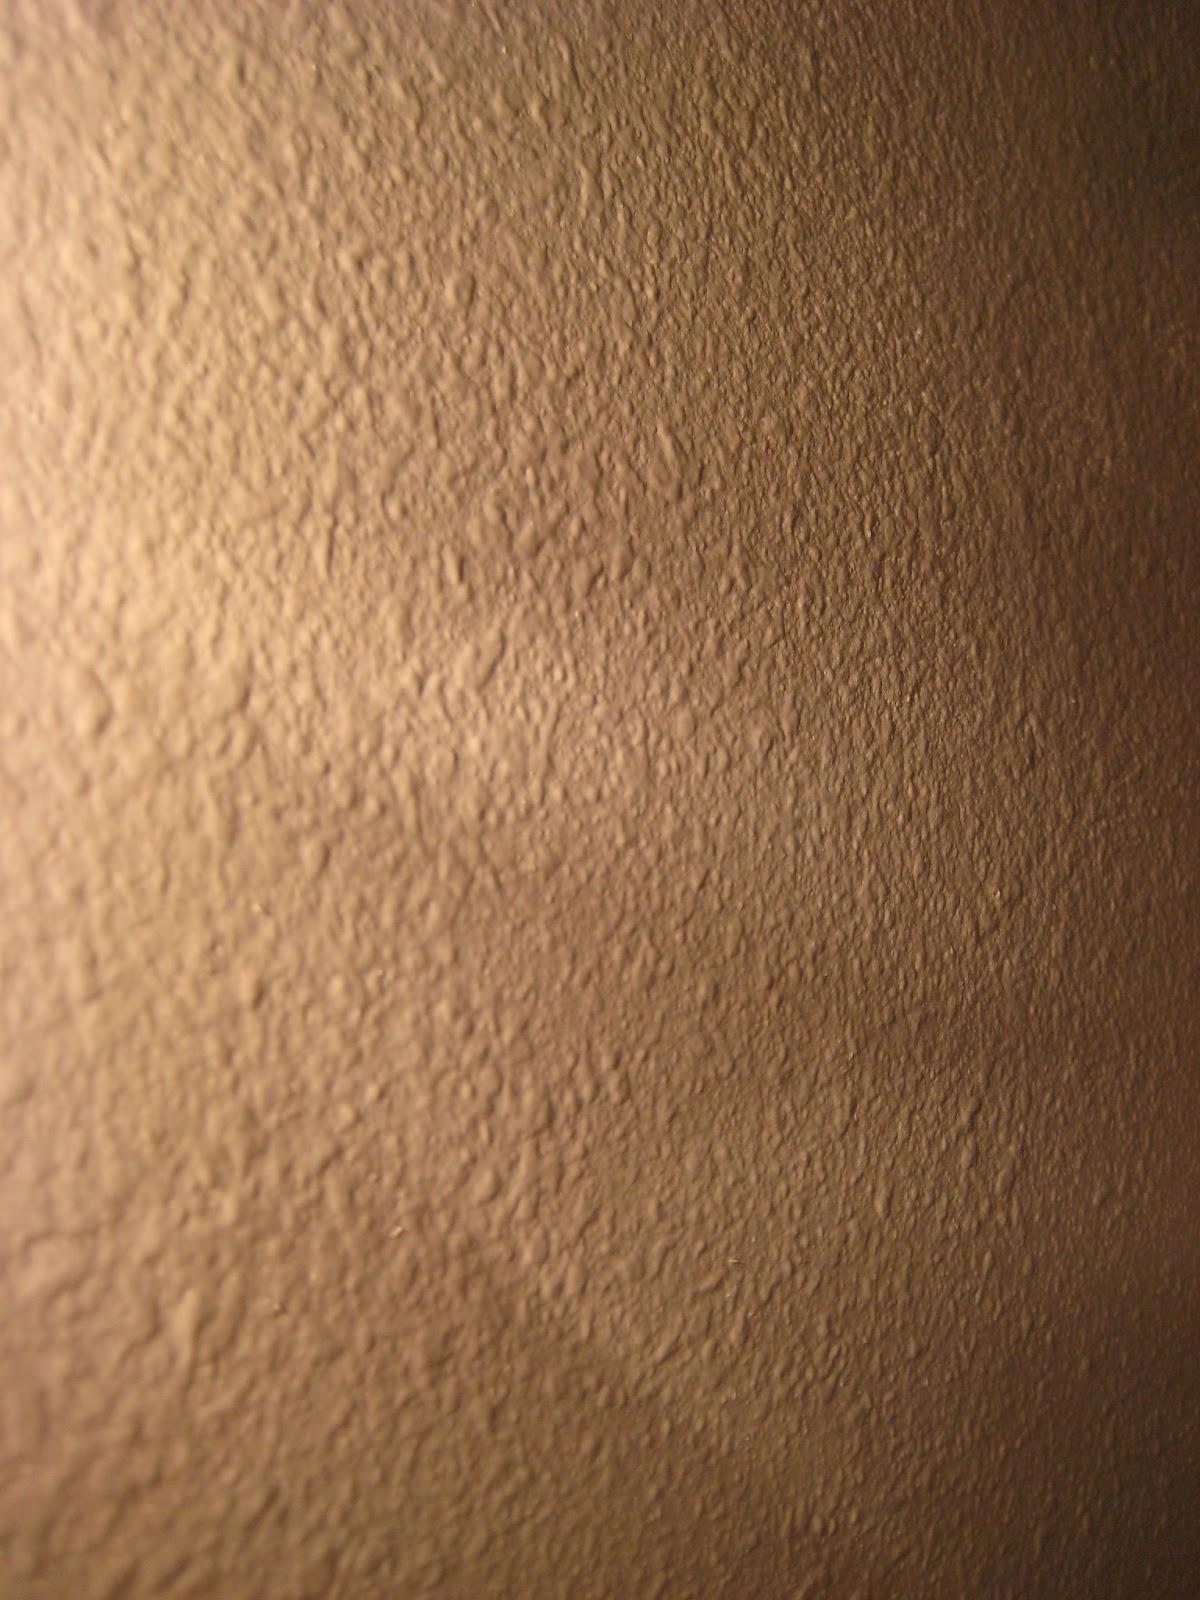 Orange Peel Paint On Walls